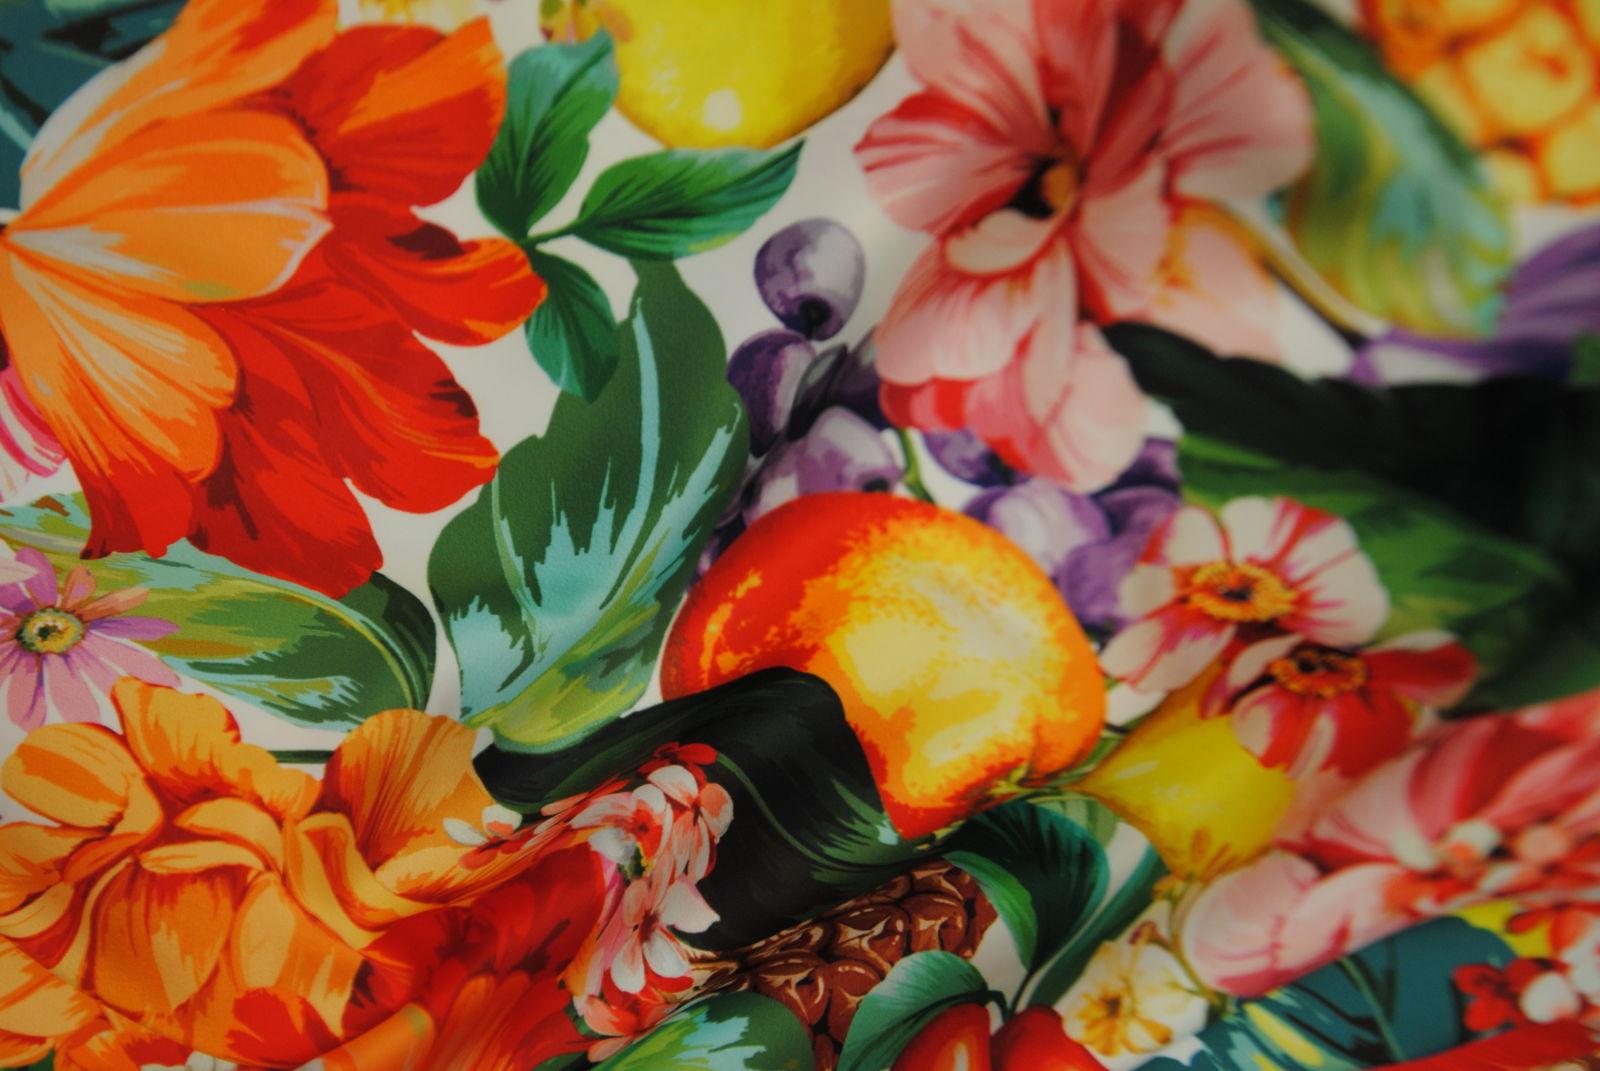 DSC 0804 Tropical Party